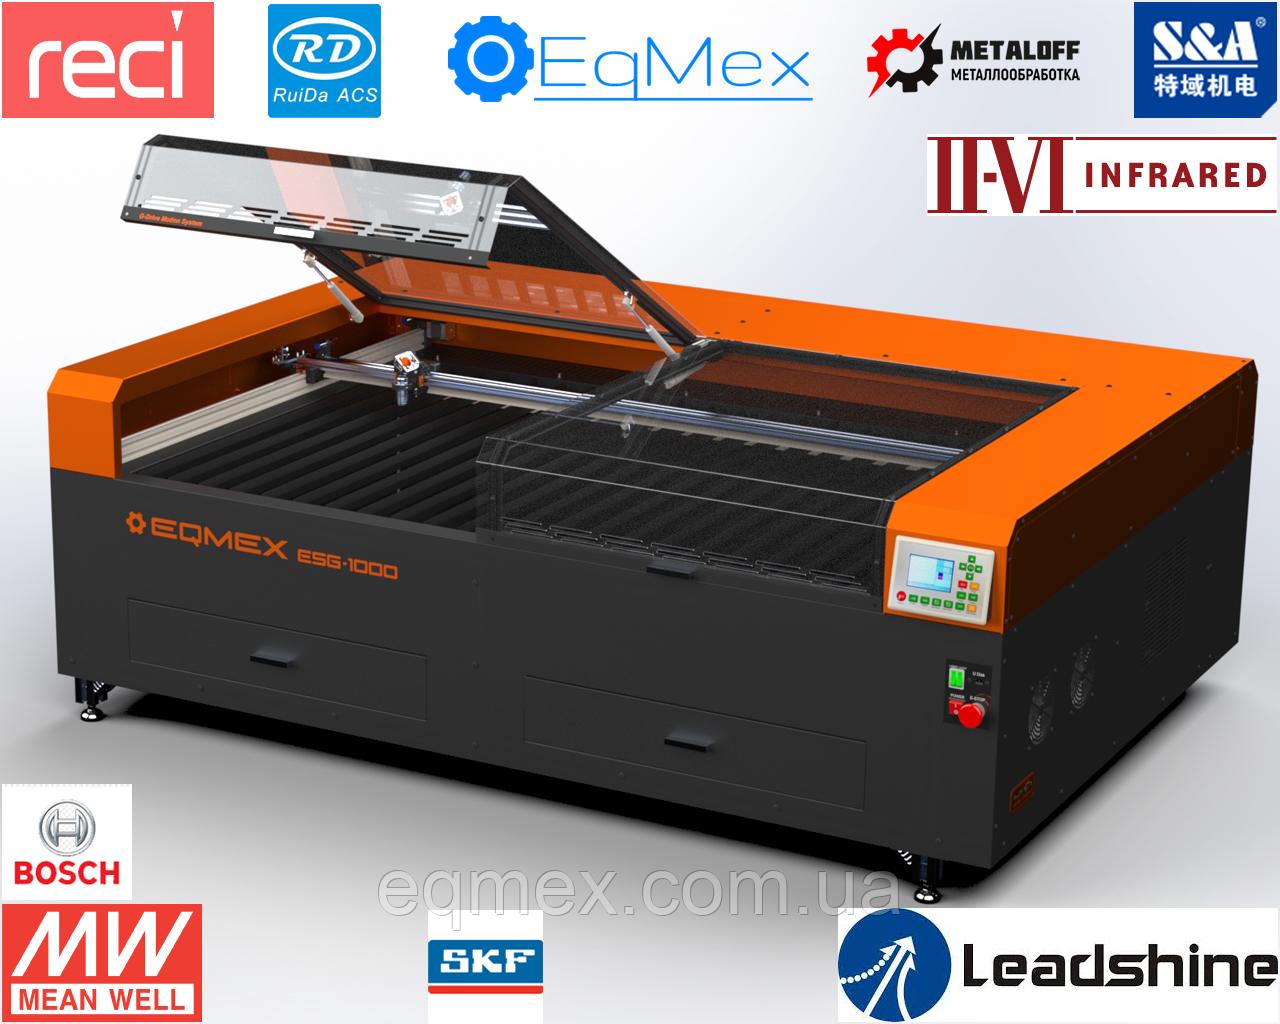 Станок для лазерной резки фанеры и дерева. ЧПУ Гравер Laser ESG-1000 CO2 (6995$)